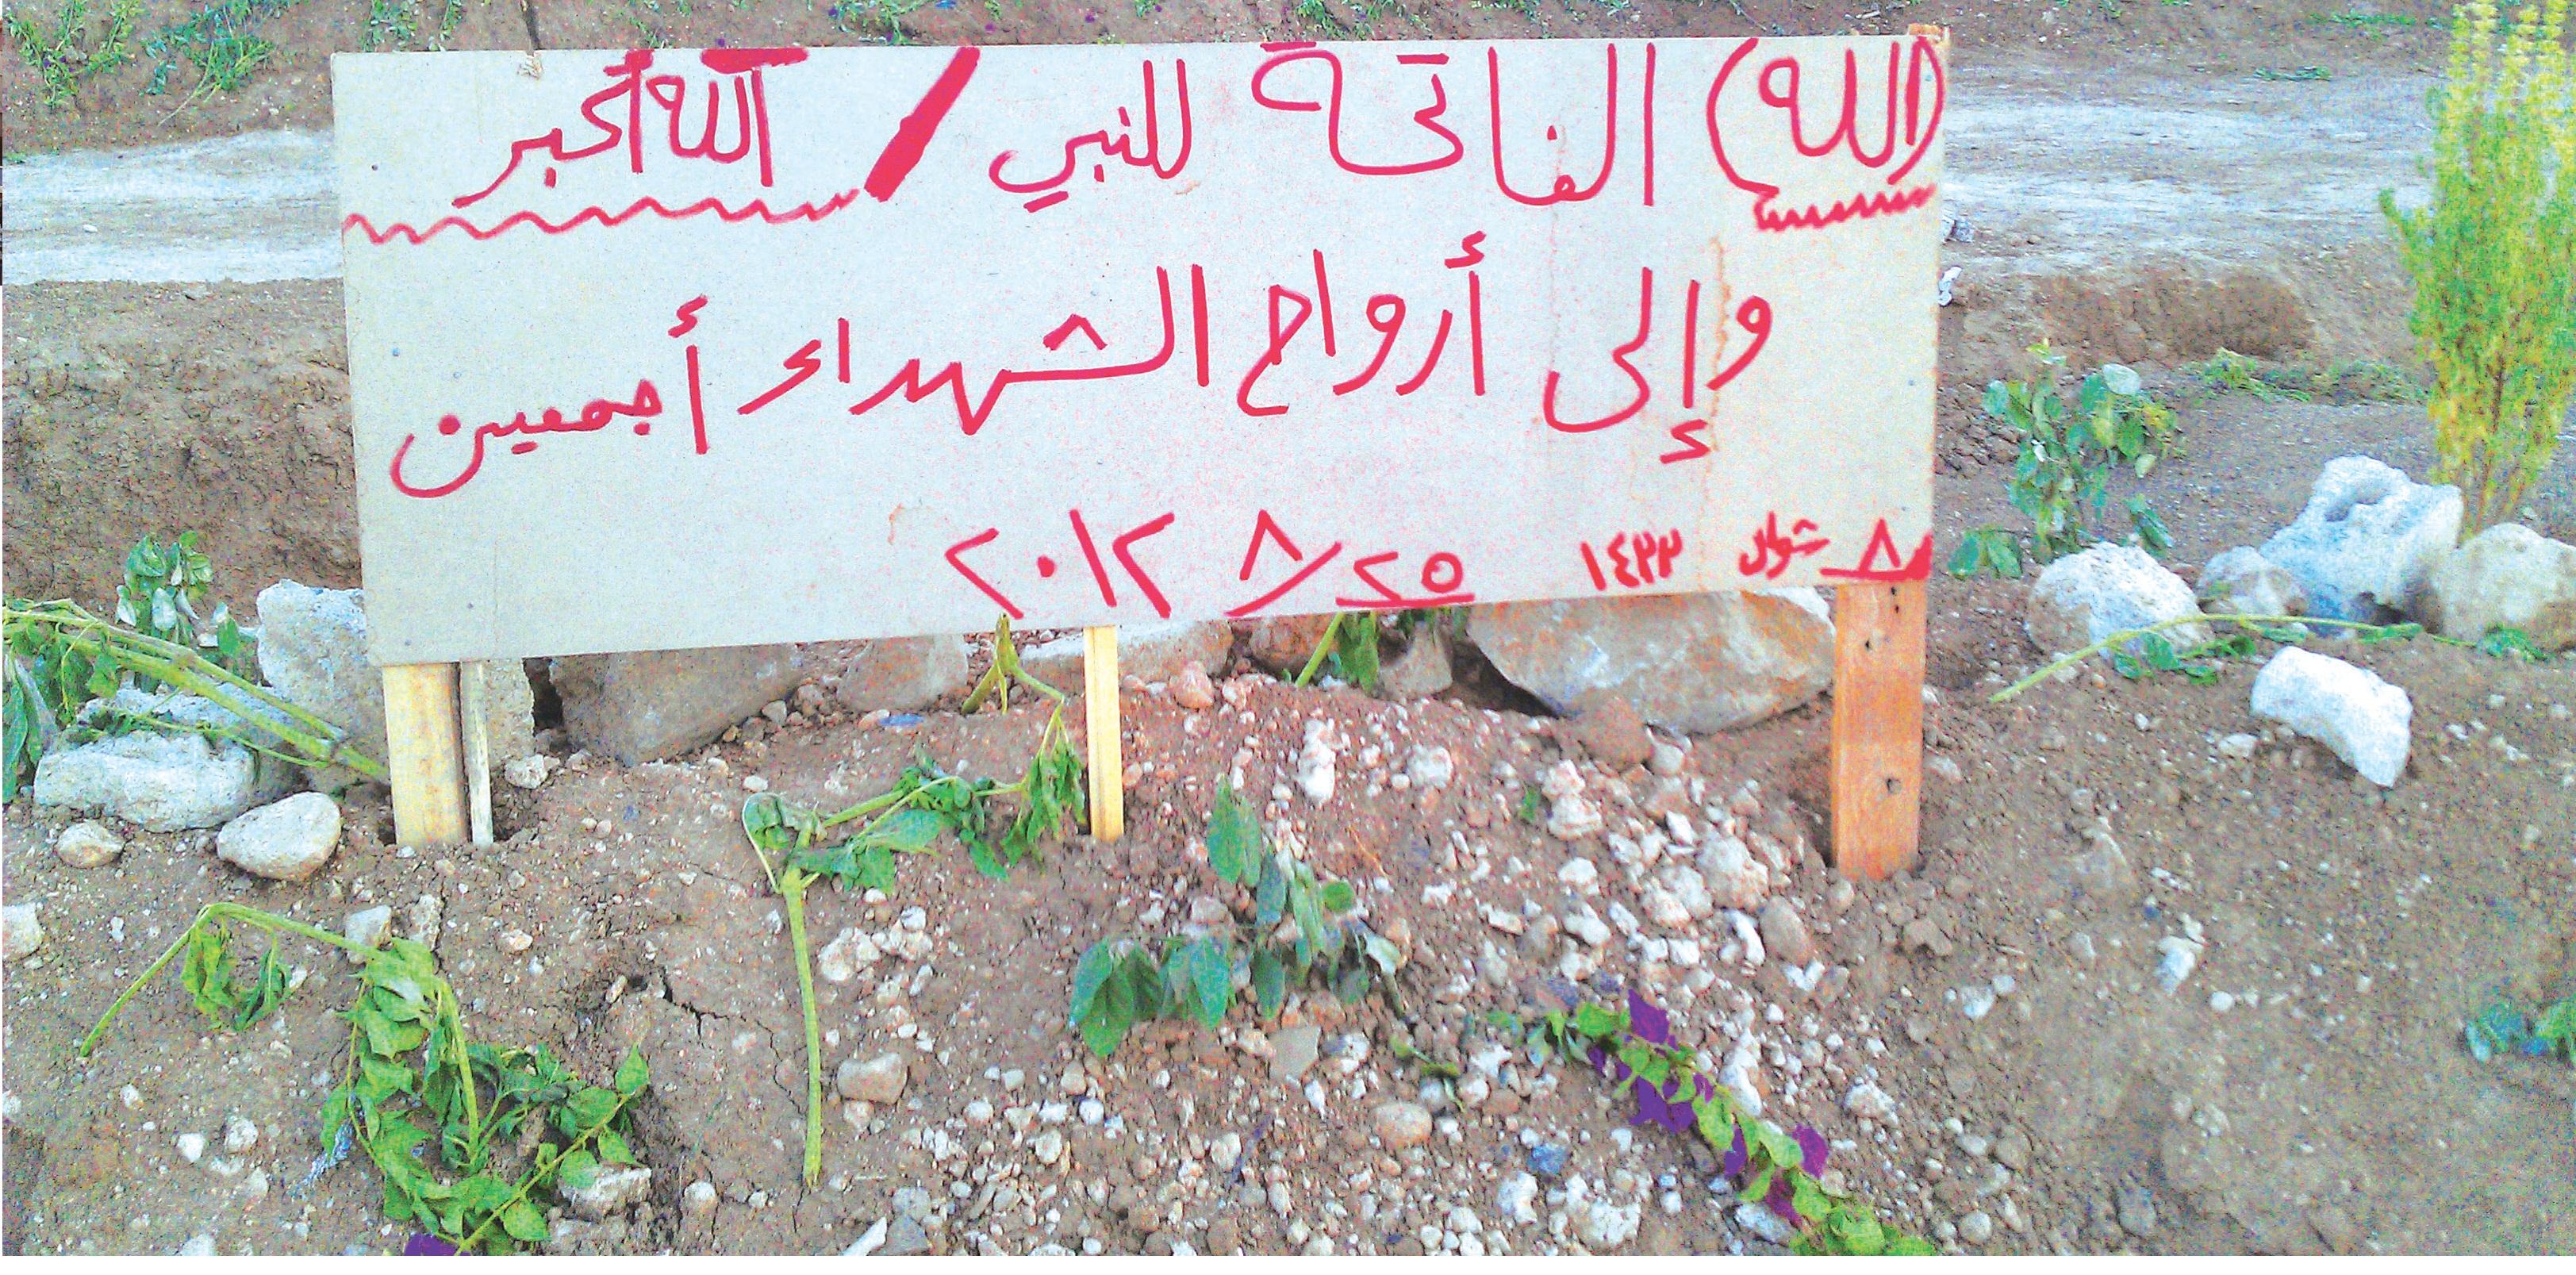 شاهدة مقبرة شهداء مجزرة داريا - بخط الدفان أبو صياح بلاقسي